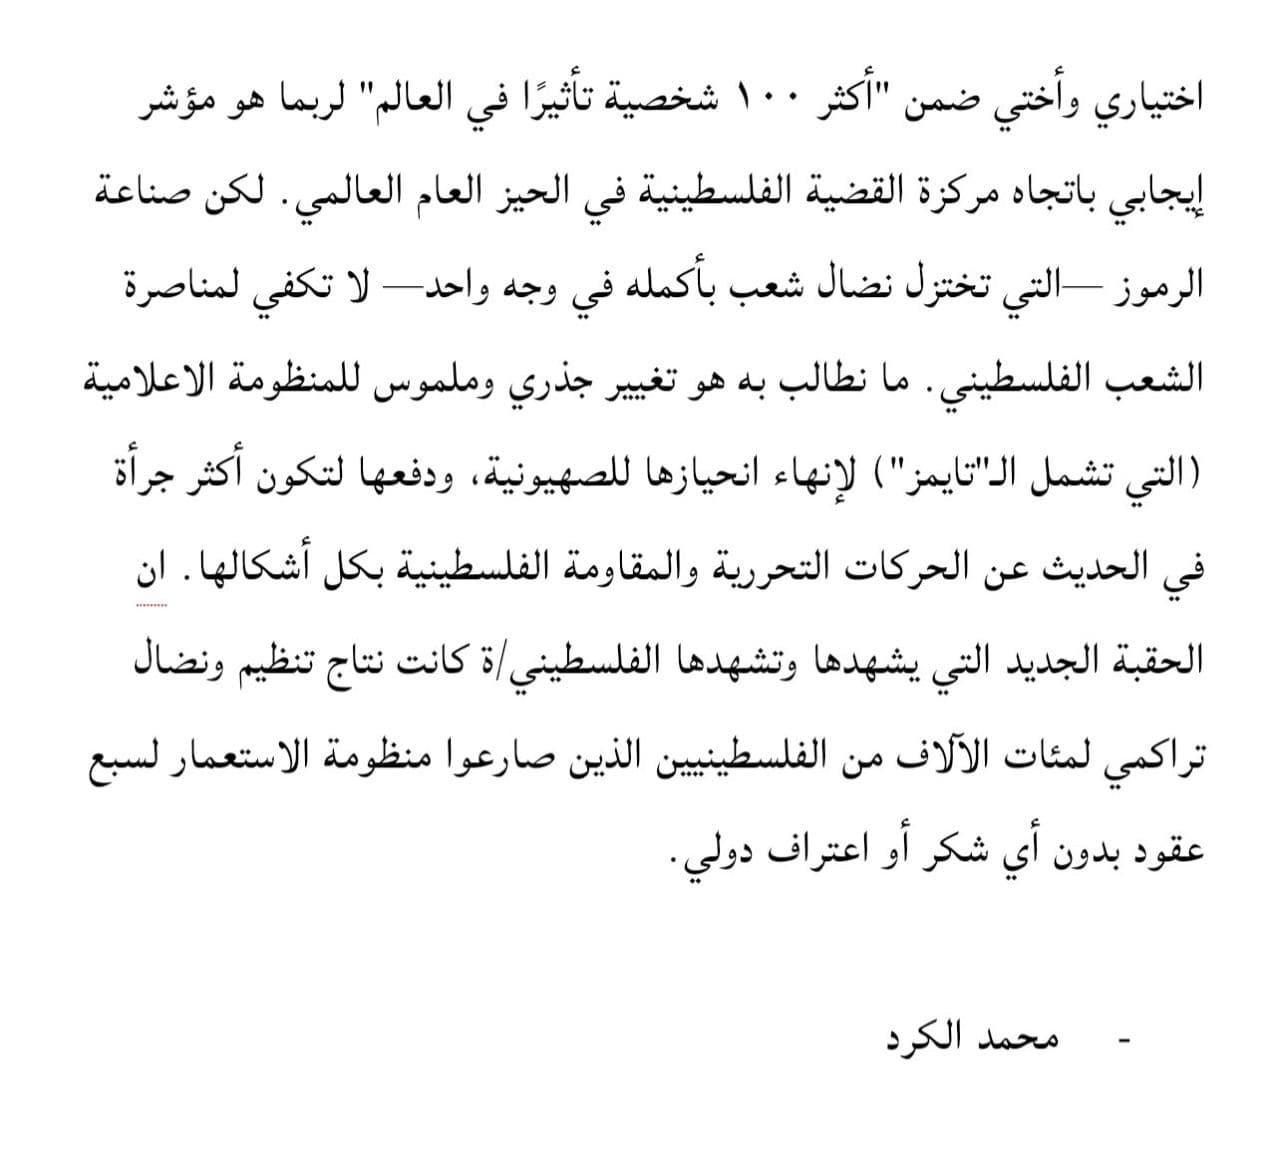 شاهد: رد محمد الكرد على اختياره وشقيقته ضمن أكثر 100 شخصية مؤثّرة حول العالم